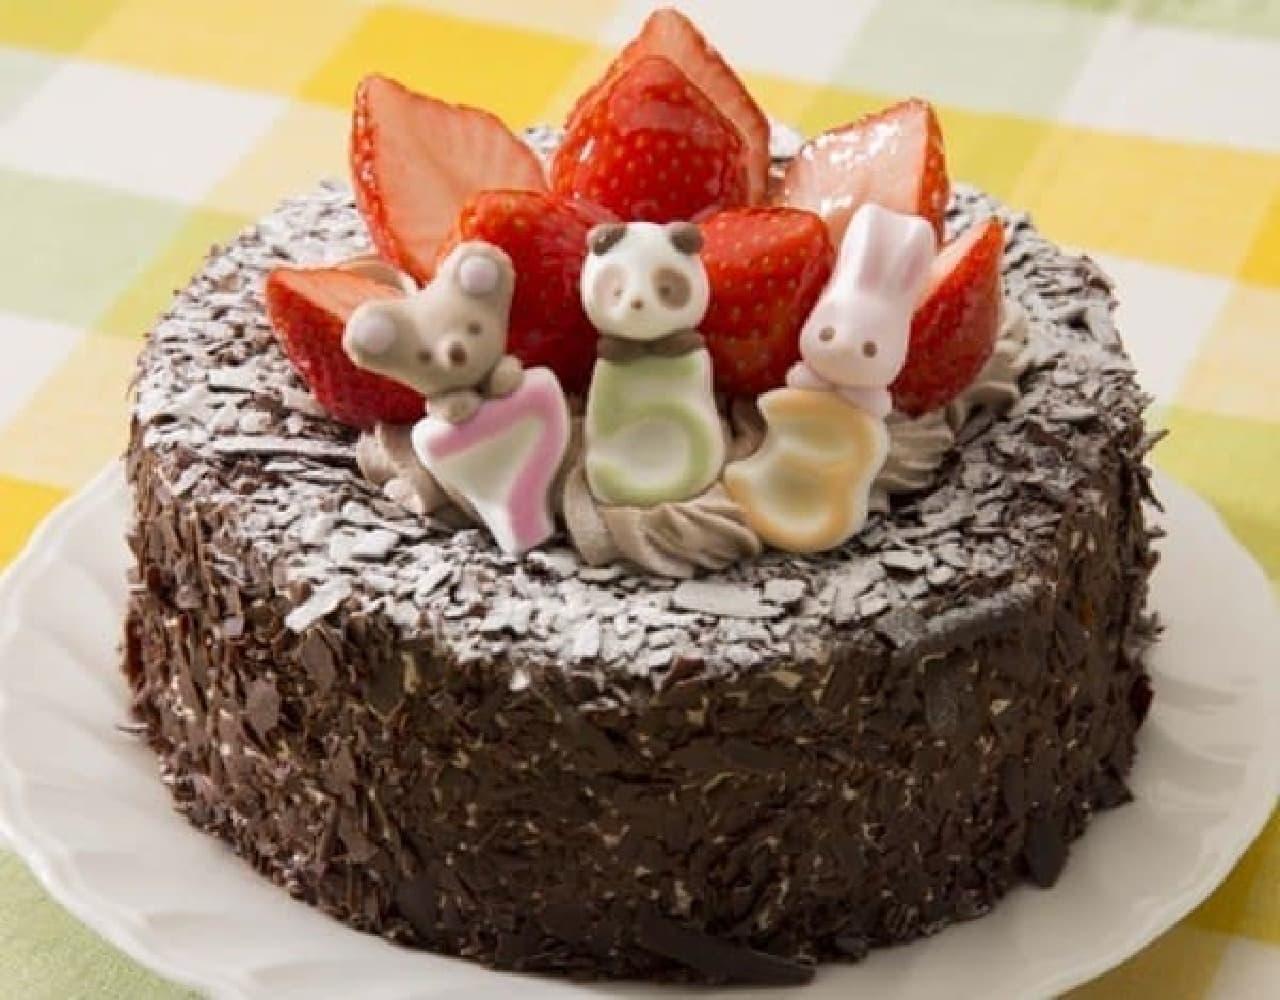 みんな大好き!チョコレートづくしのケーキ